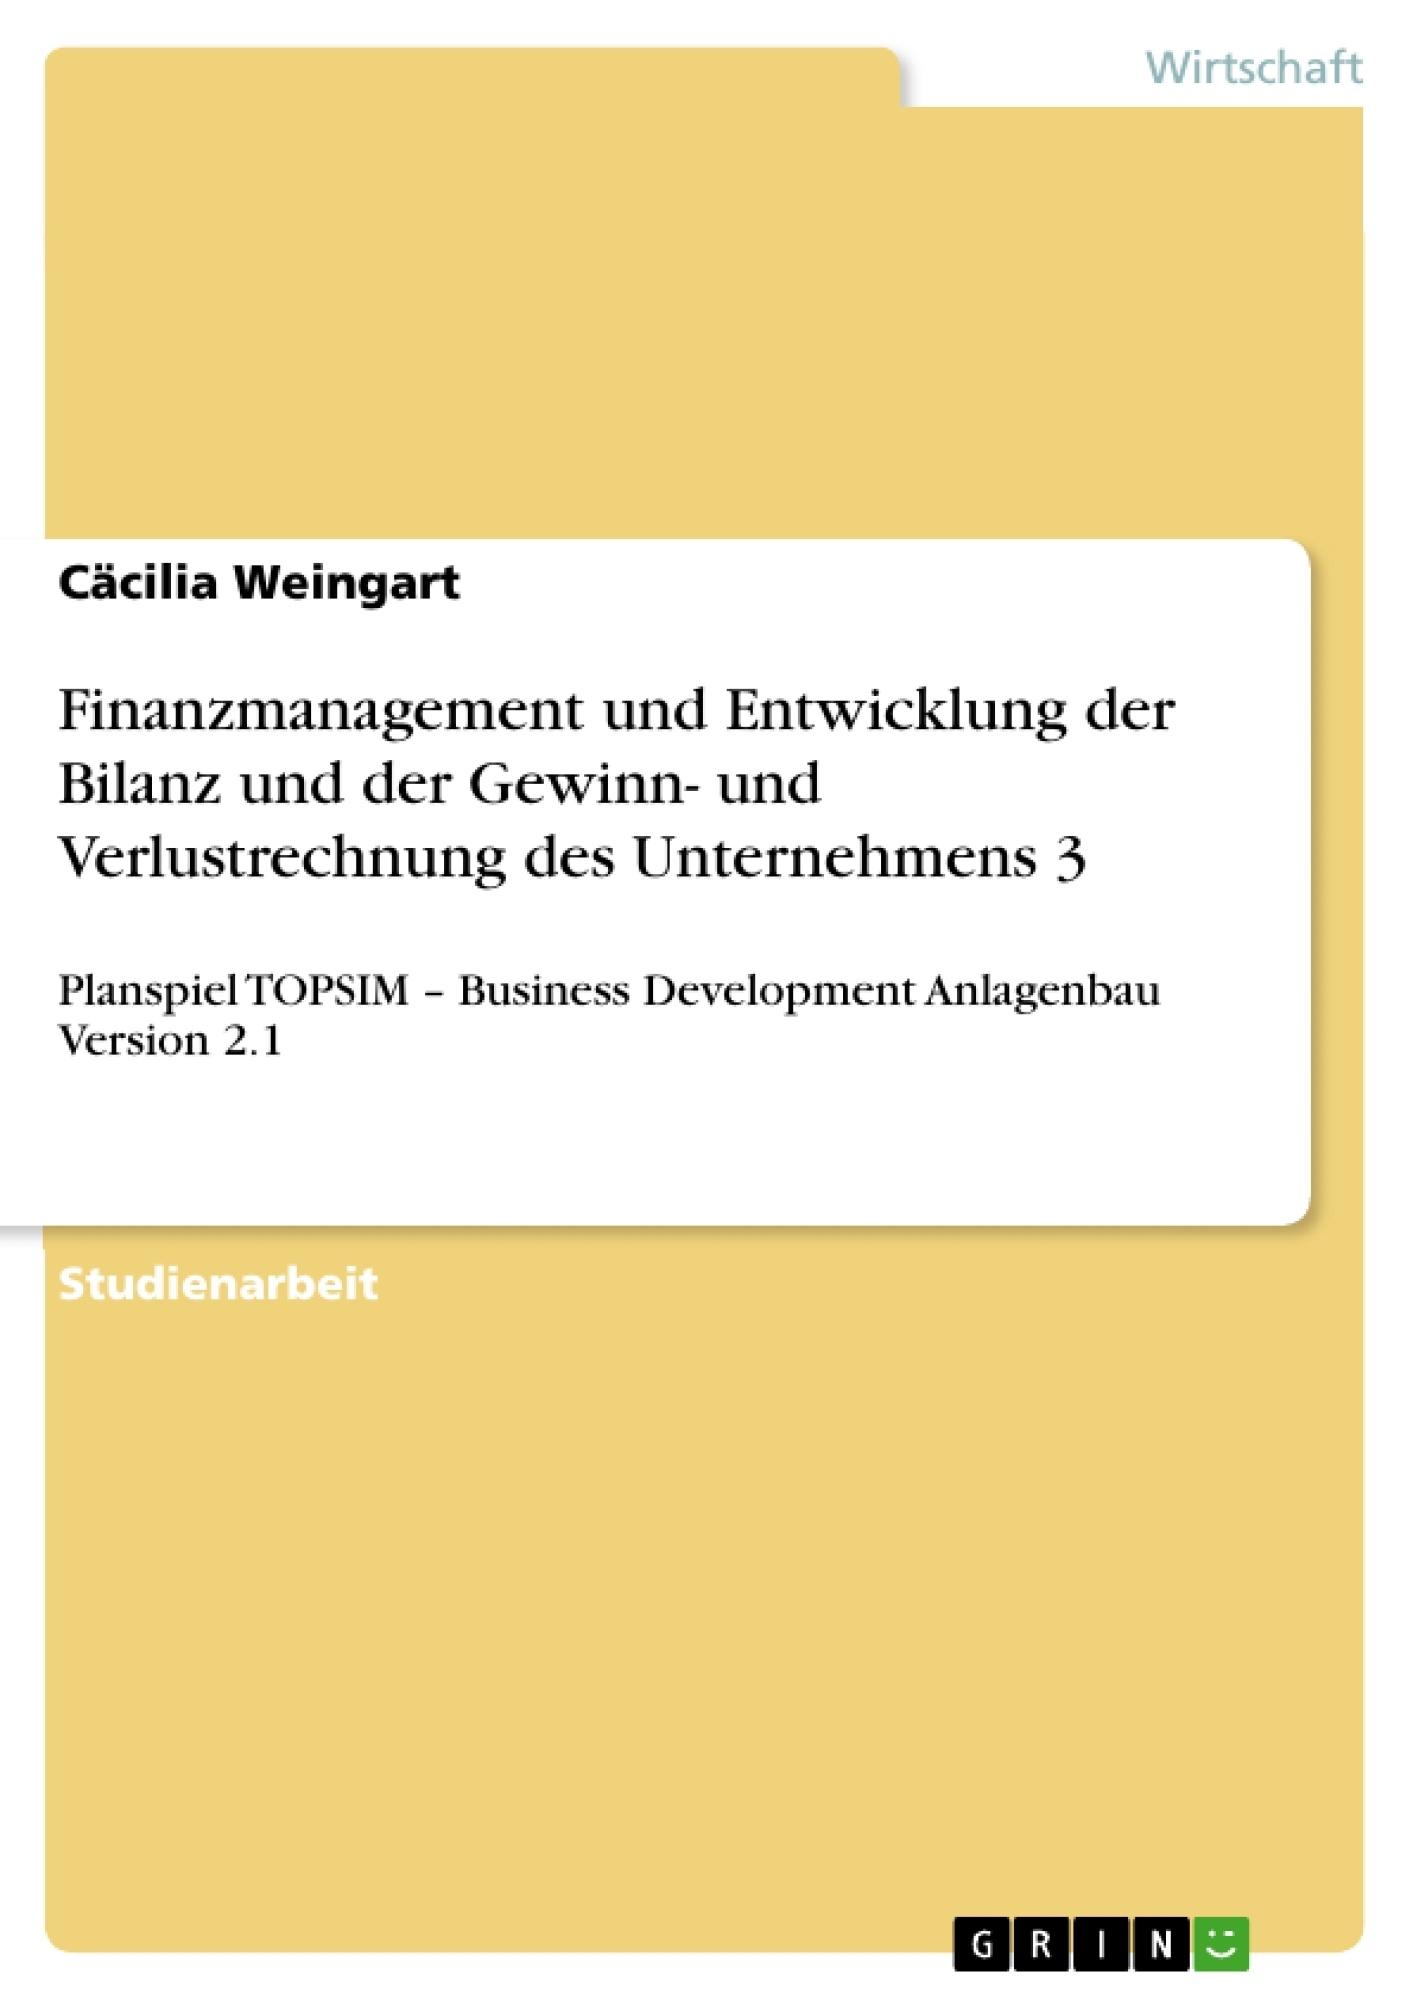 Titel: Finanzmanagement und Entwicklung der Bilanz und der Gewinn- und Verlustrechnung des Unternehmens 3